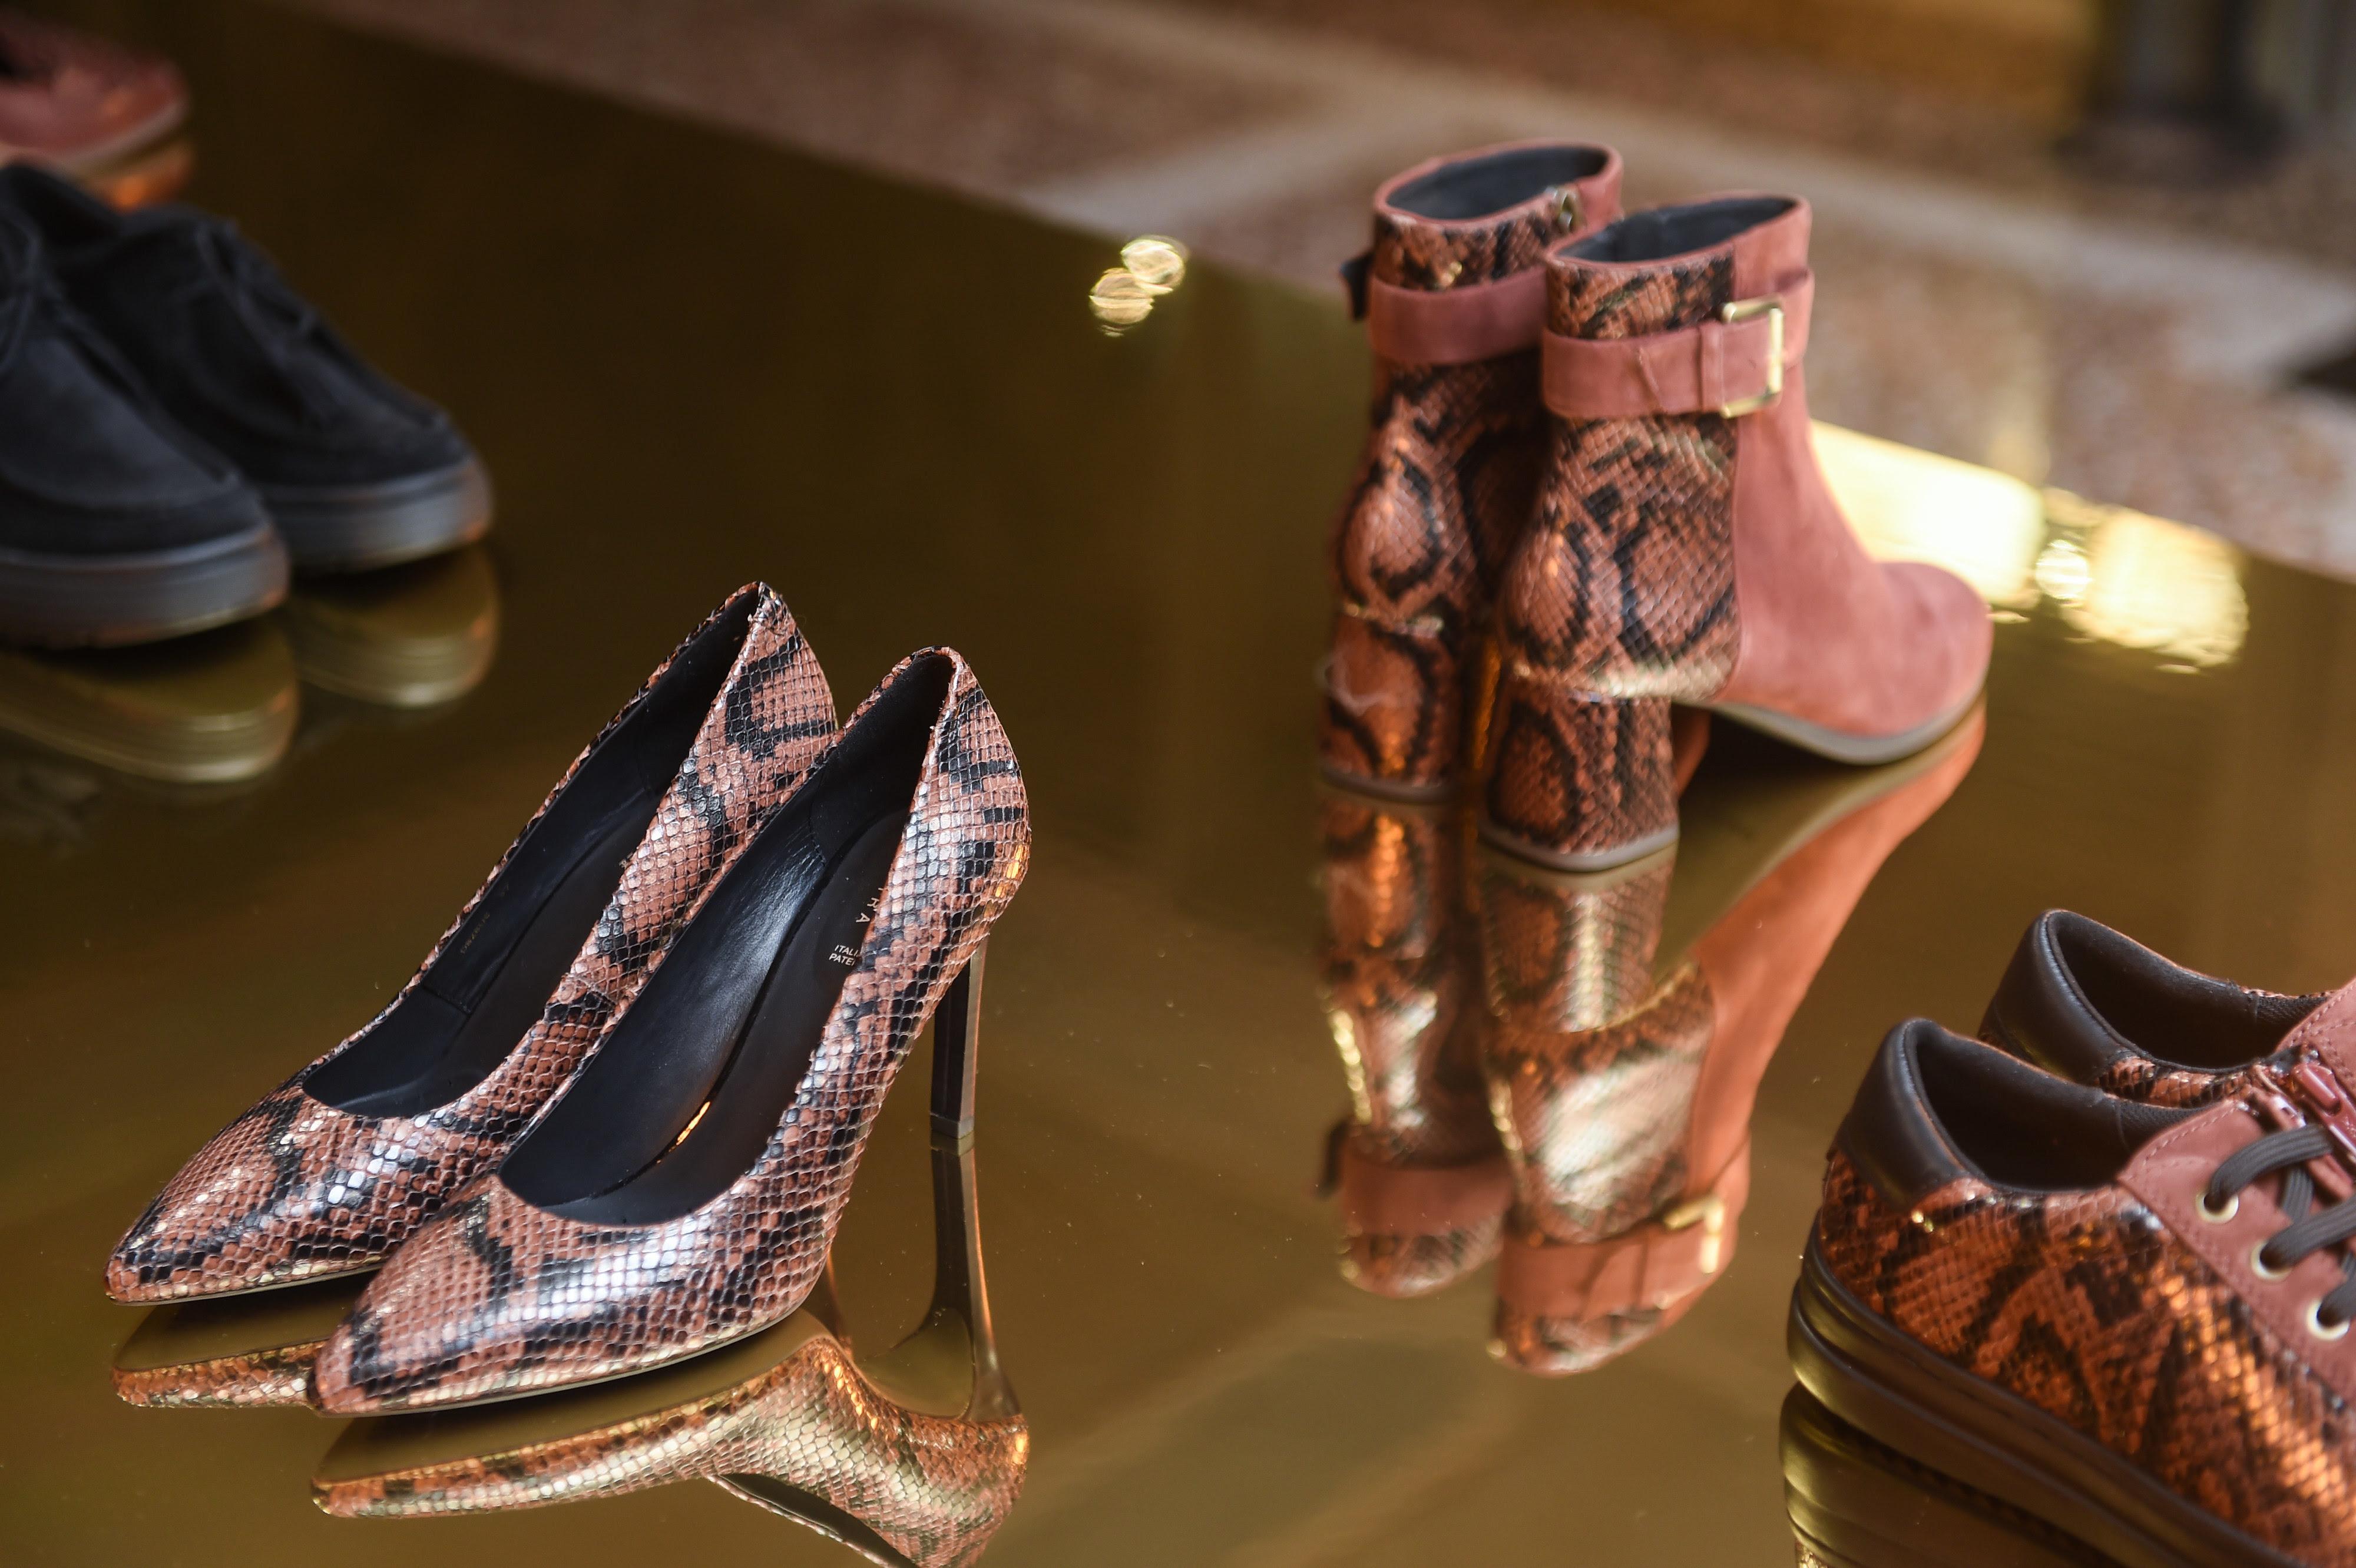 b46df394 7639 45fd 8629 b907f314fd1b - GEOX presenta su colección Otoño/Invierno 2020 de calzado y prendas exteriores para mujer